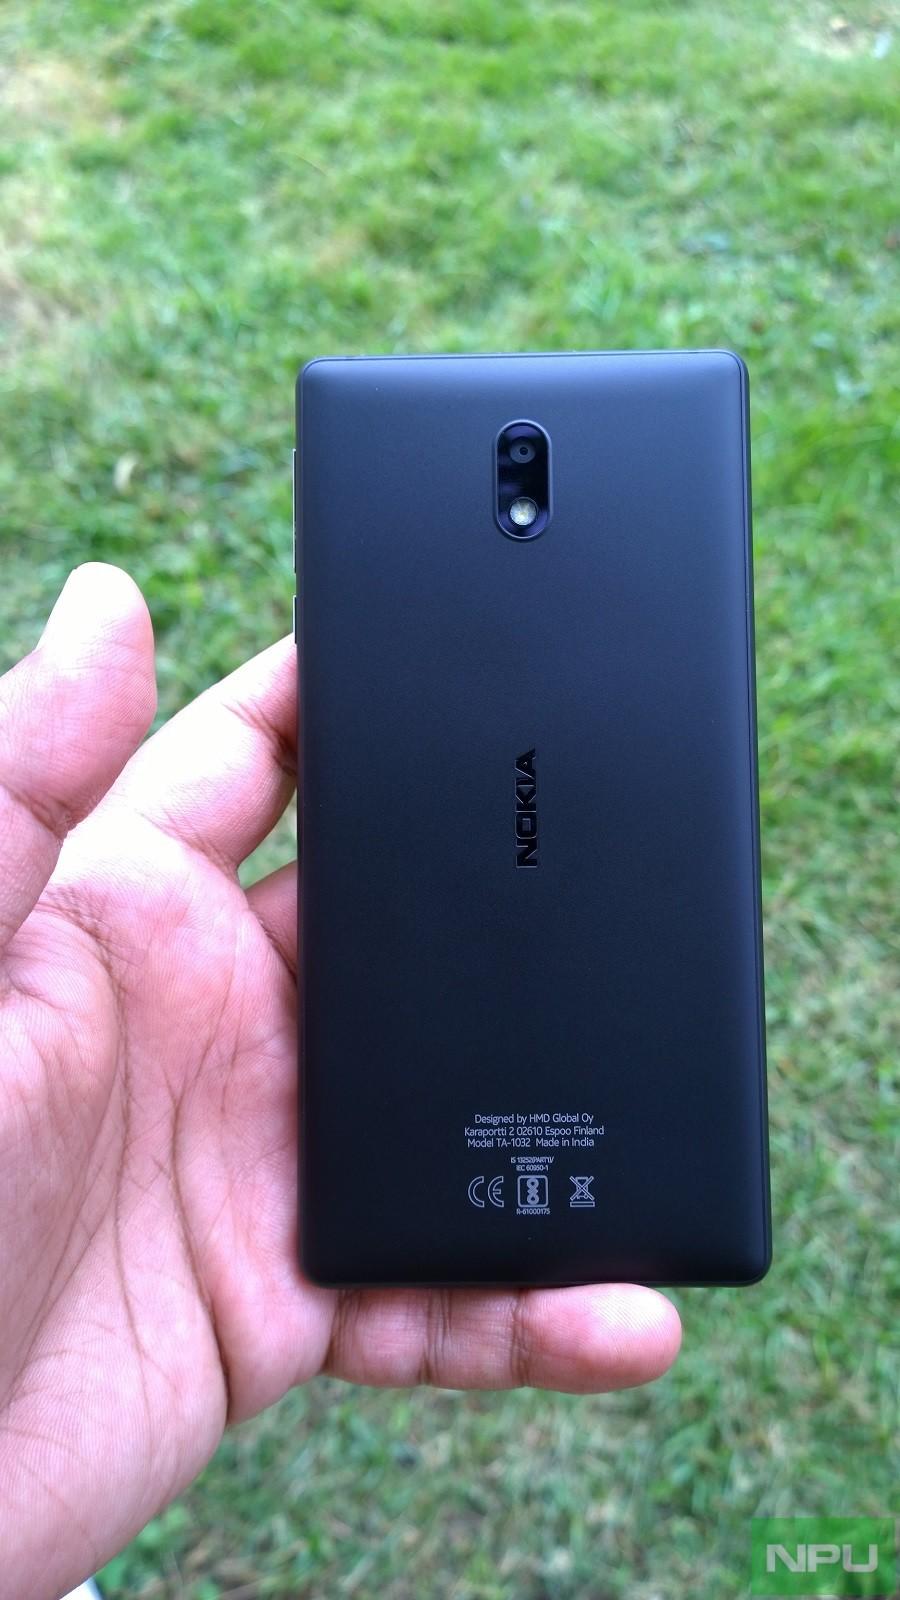 Nokia 4 supostamente será equipado com processador Snapdragon 450